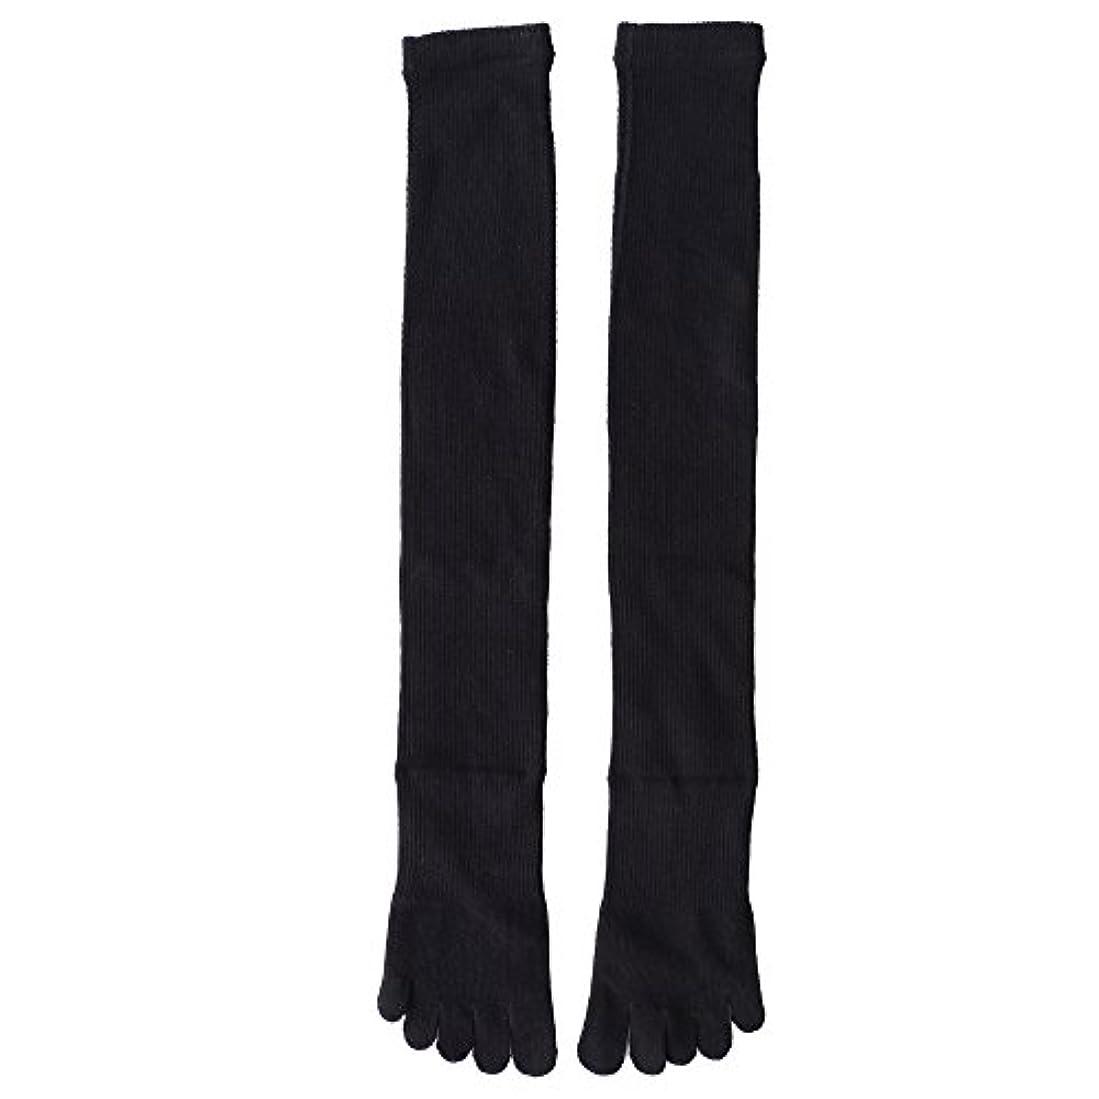 飢国家高速道路日本製靴下 5本指 着圧オーバニーハイソックス